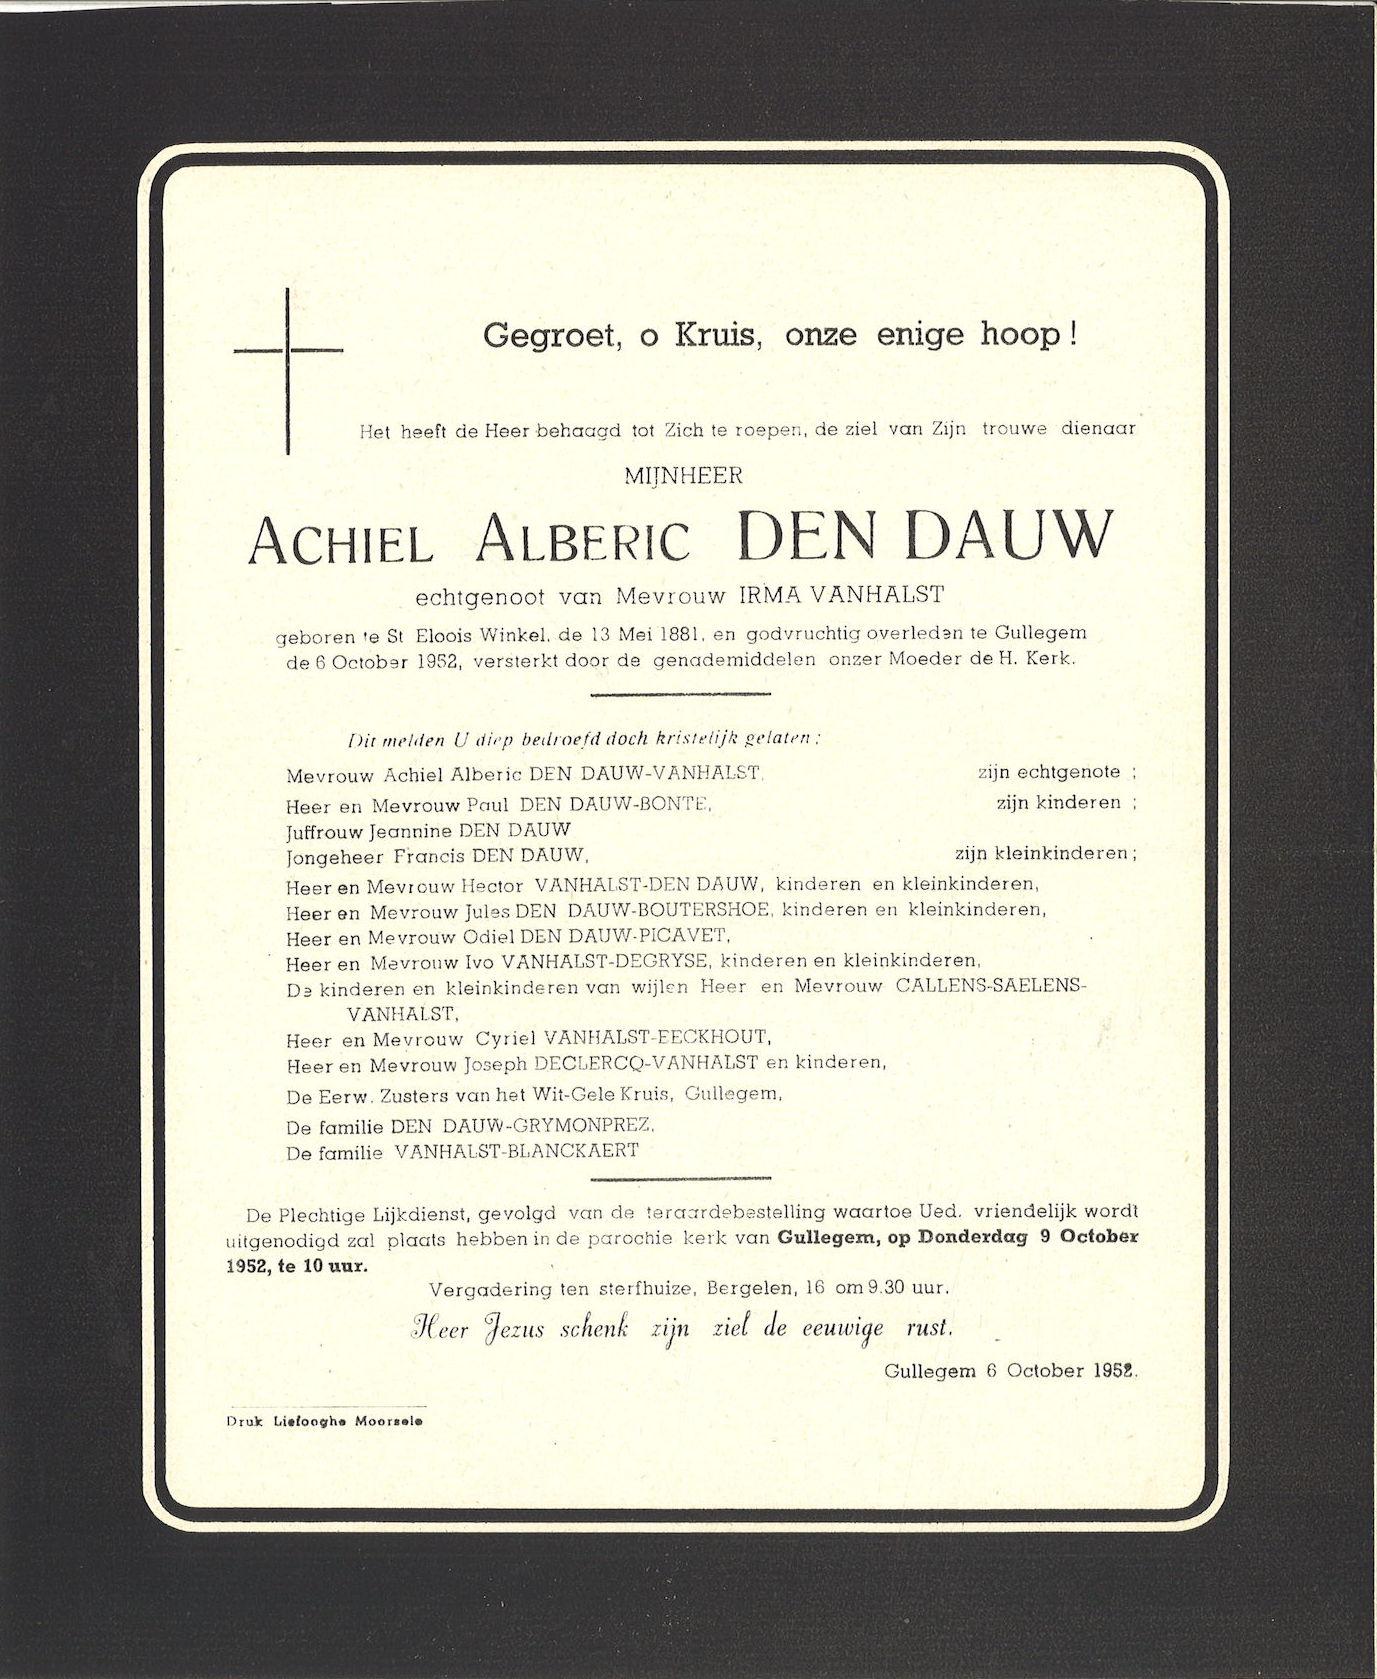 Achiel Alberic Den Dauw